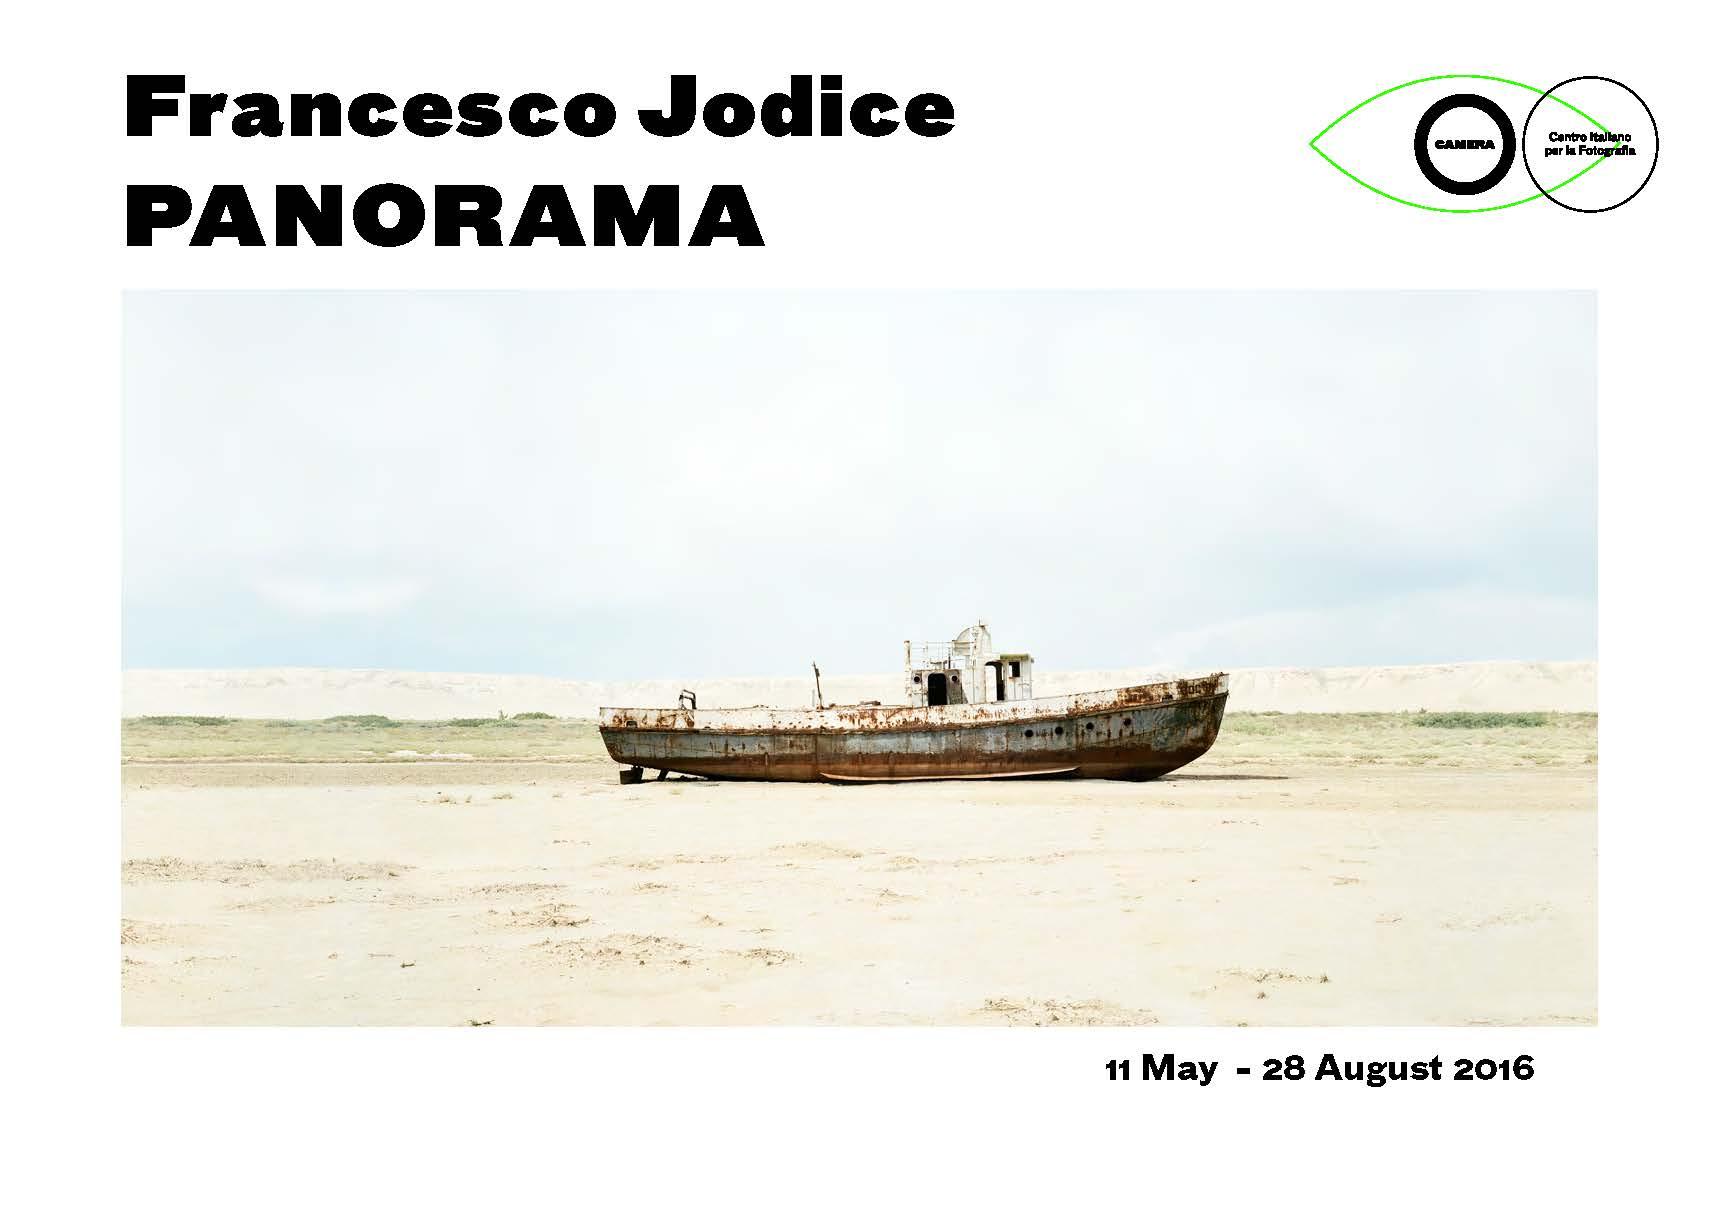 FRANCESCO JODICE RETROSPECTIVE    TURIN   MAY 2016